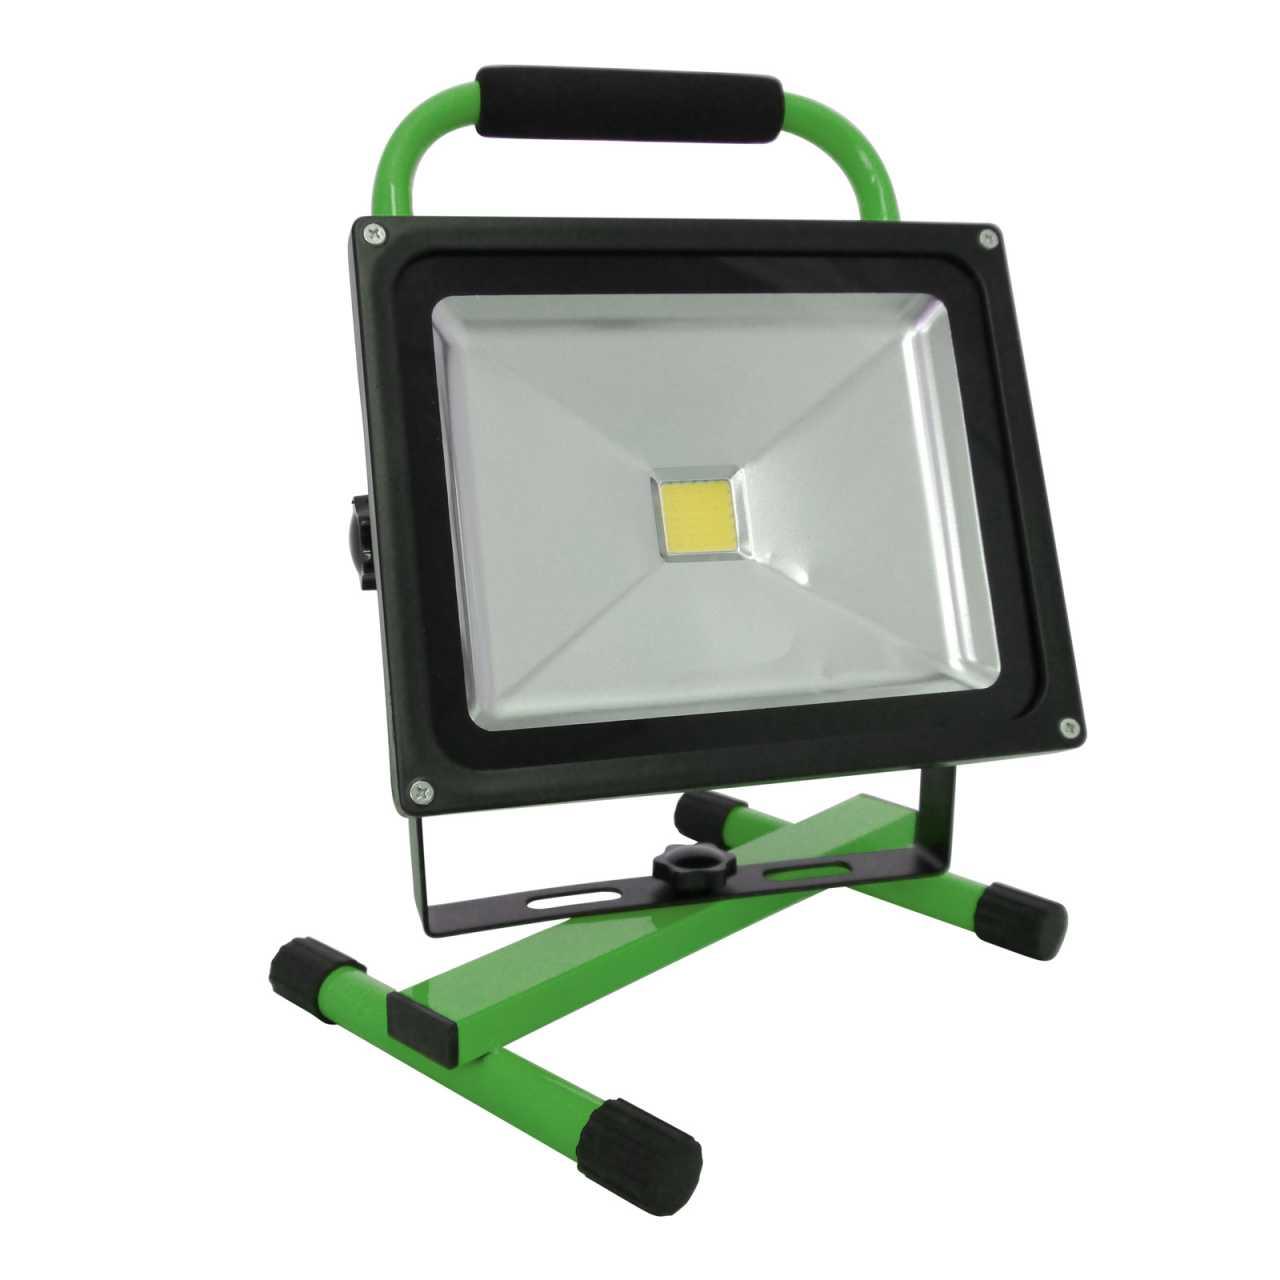 Grafner LED Baustrahler 30 Watt 8800 mAh Akku in Grün Flutlicht